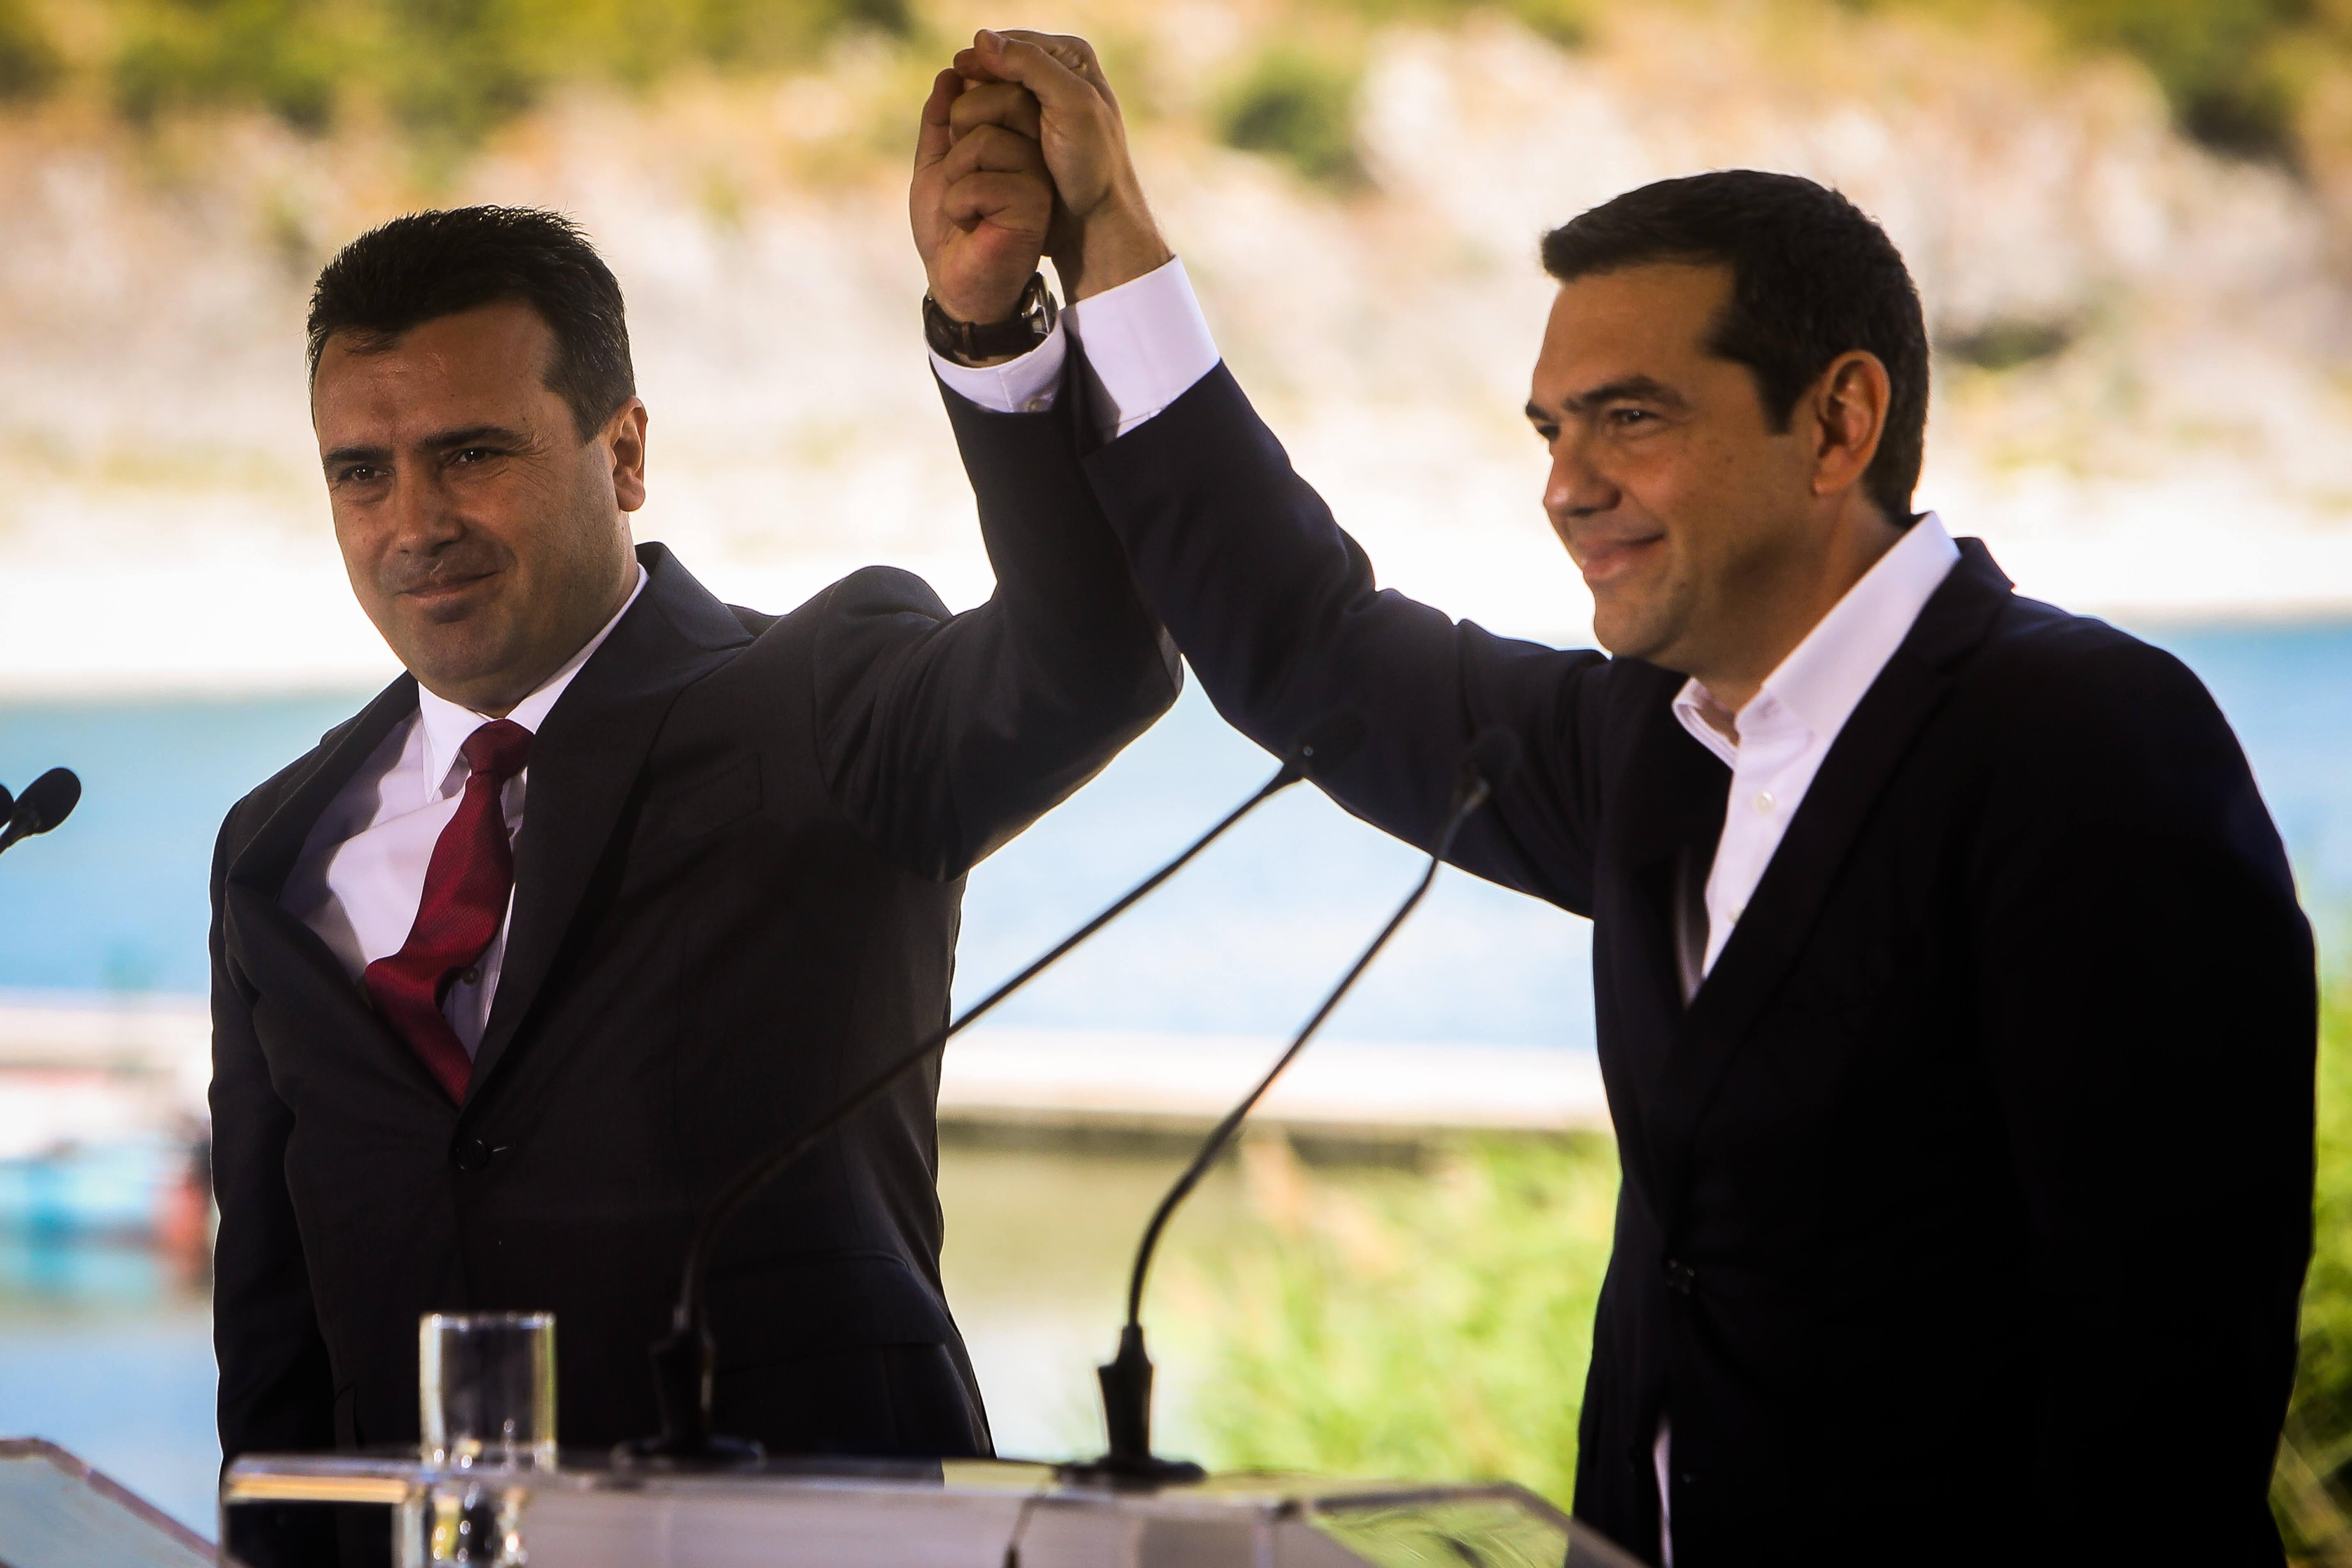 Το Βραβείο Ειρήνης της Έσσης για τη συμφωνία των Πρεσπών στους Ζόραν Ζάεφ και Αλέξη Τσίπρα